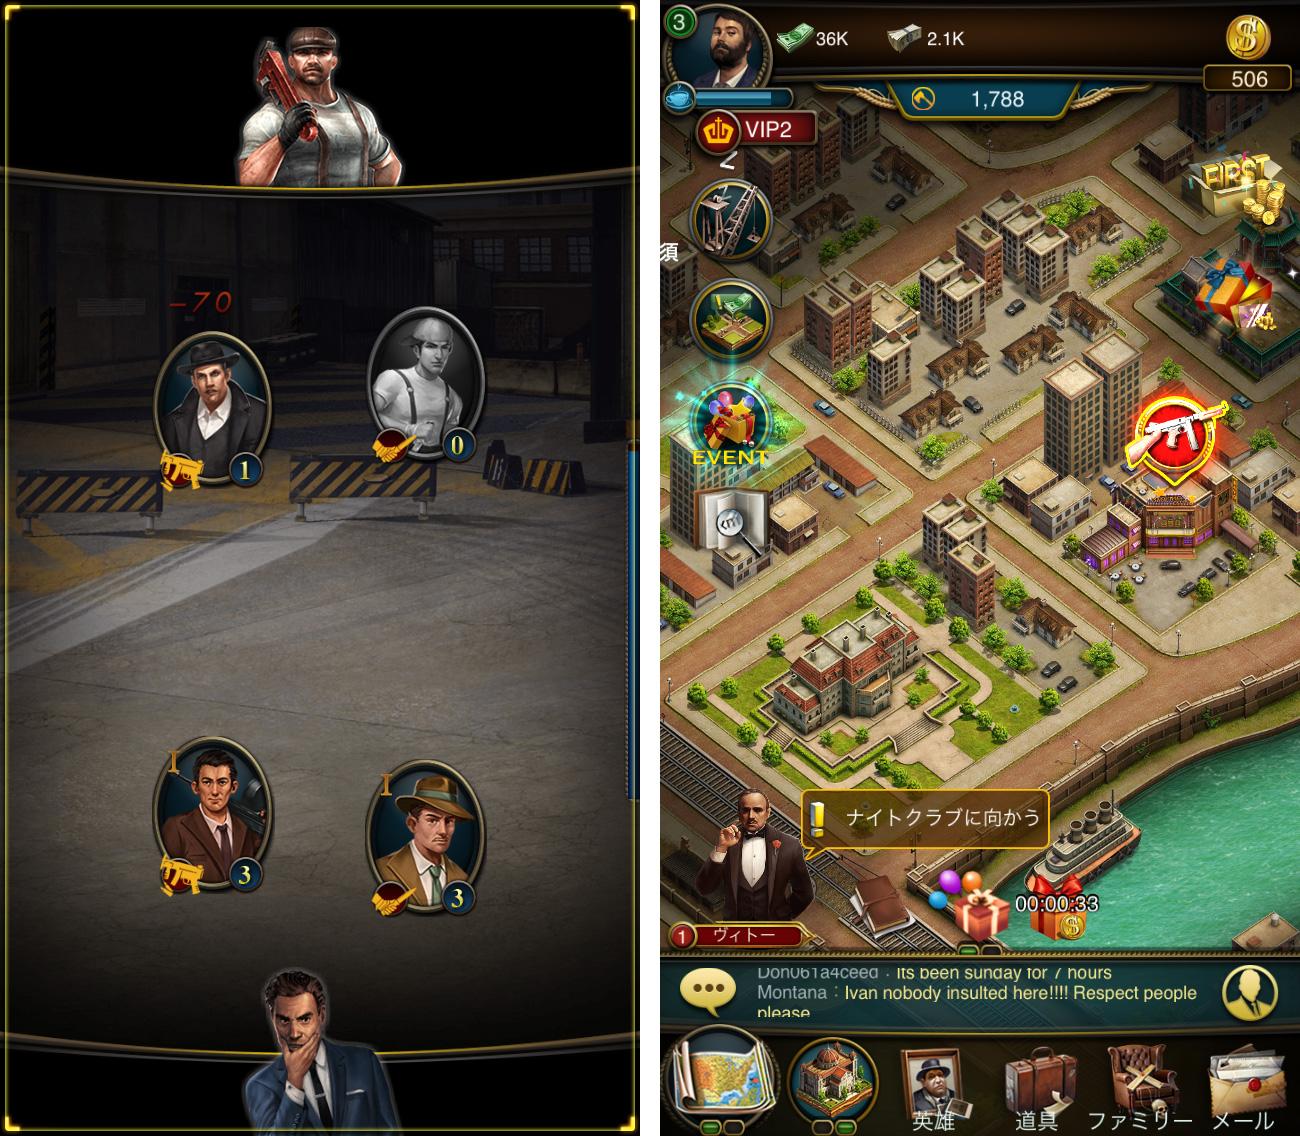 ゴッドファーザー(The Godfather Game) androidアプリスクリーンショット1